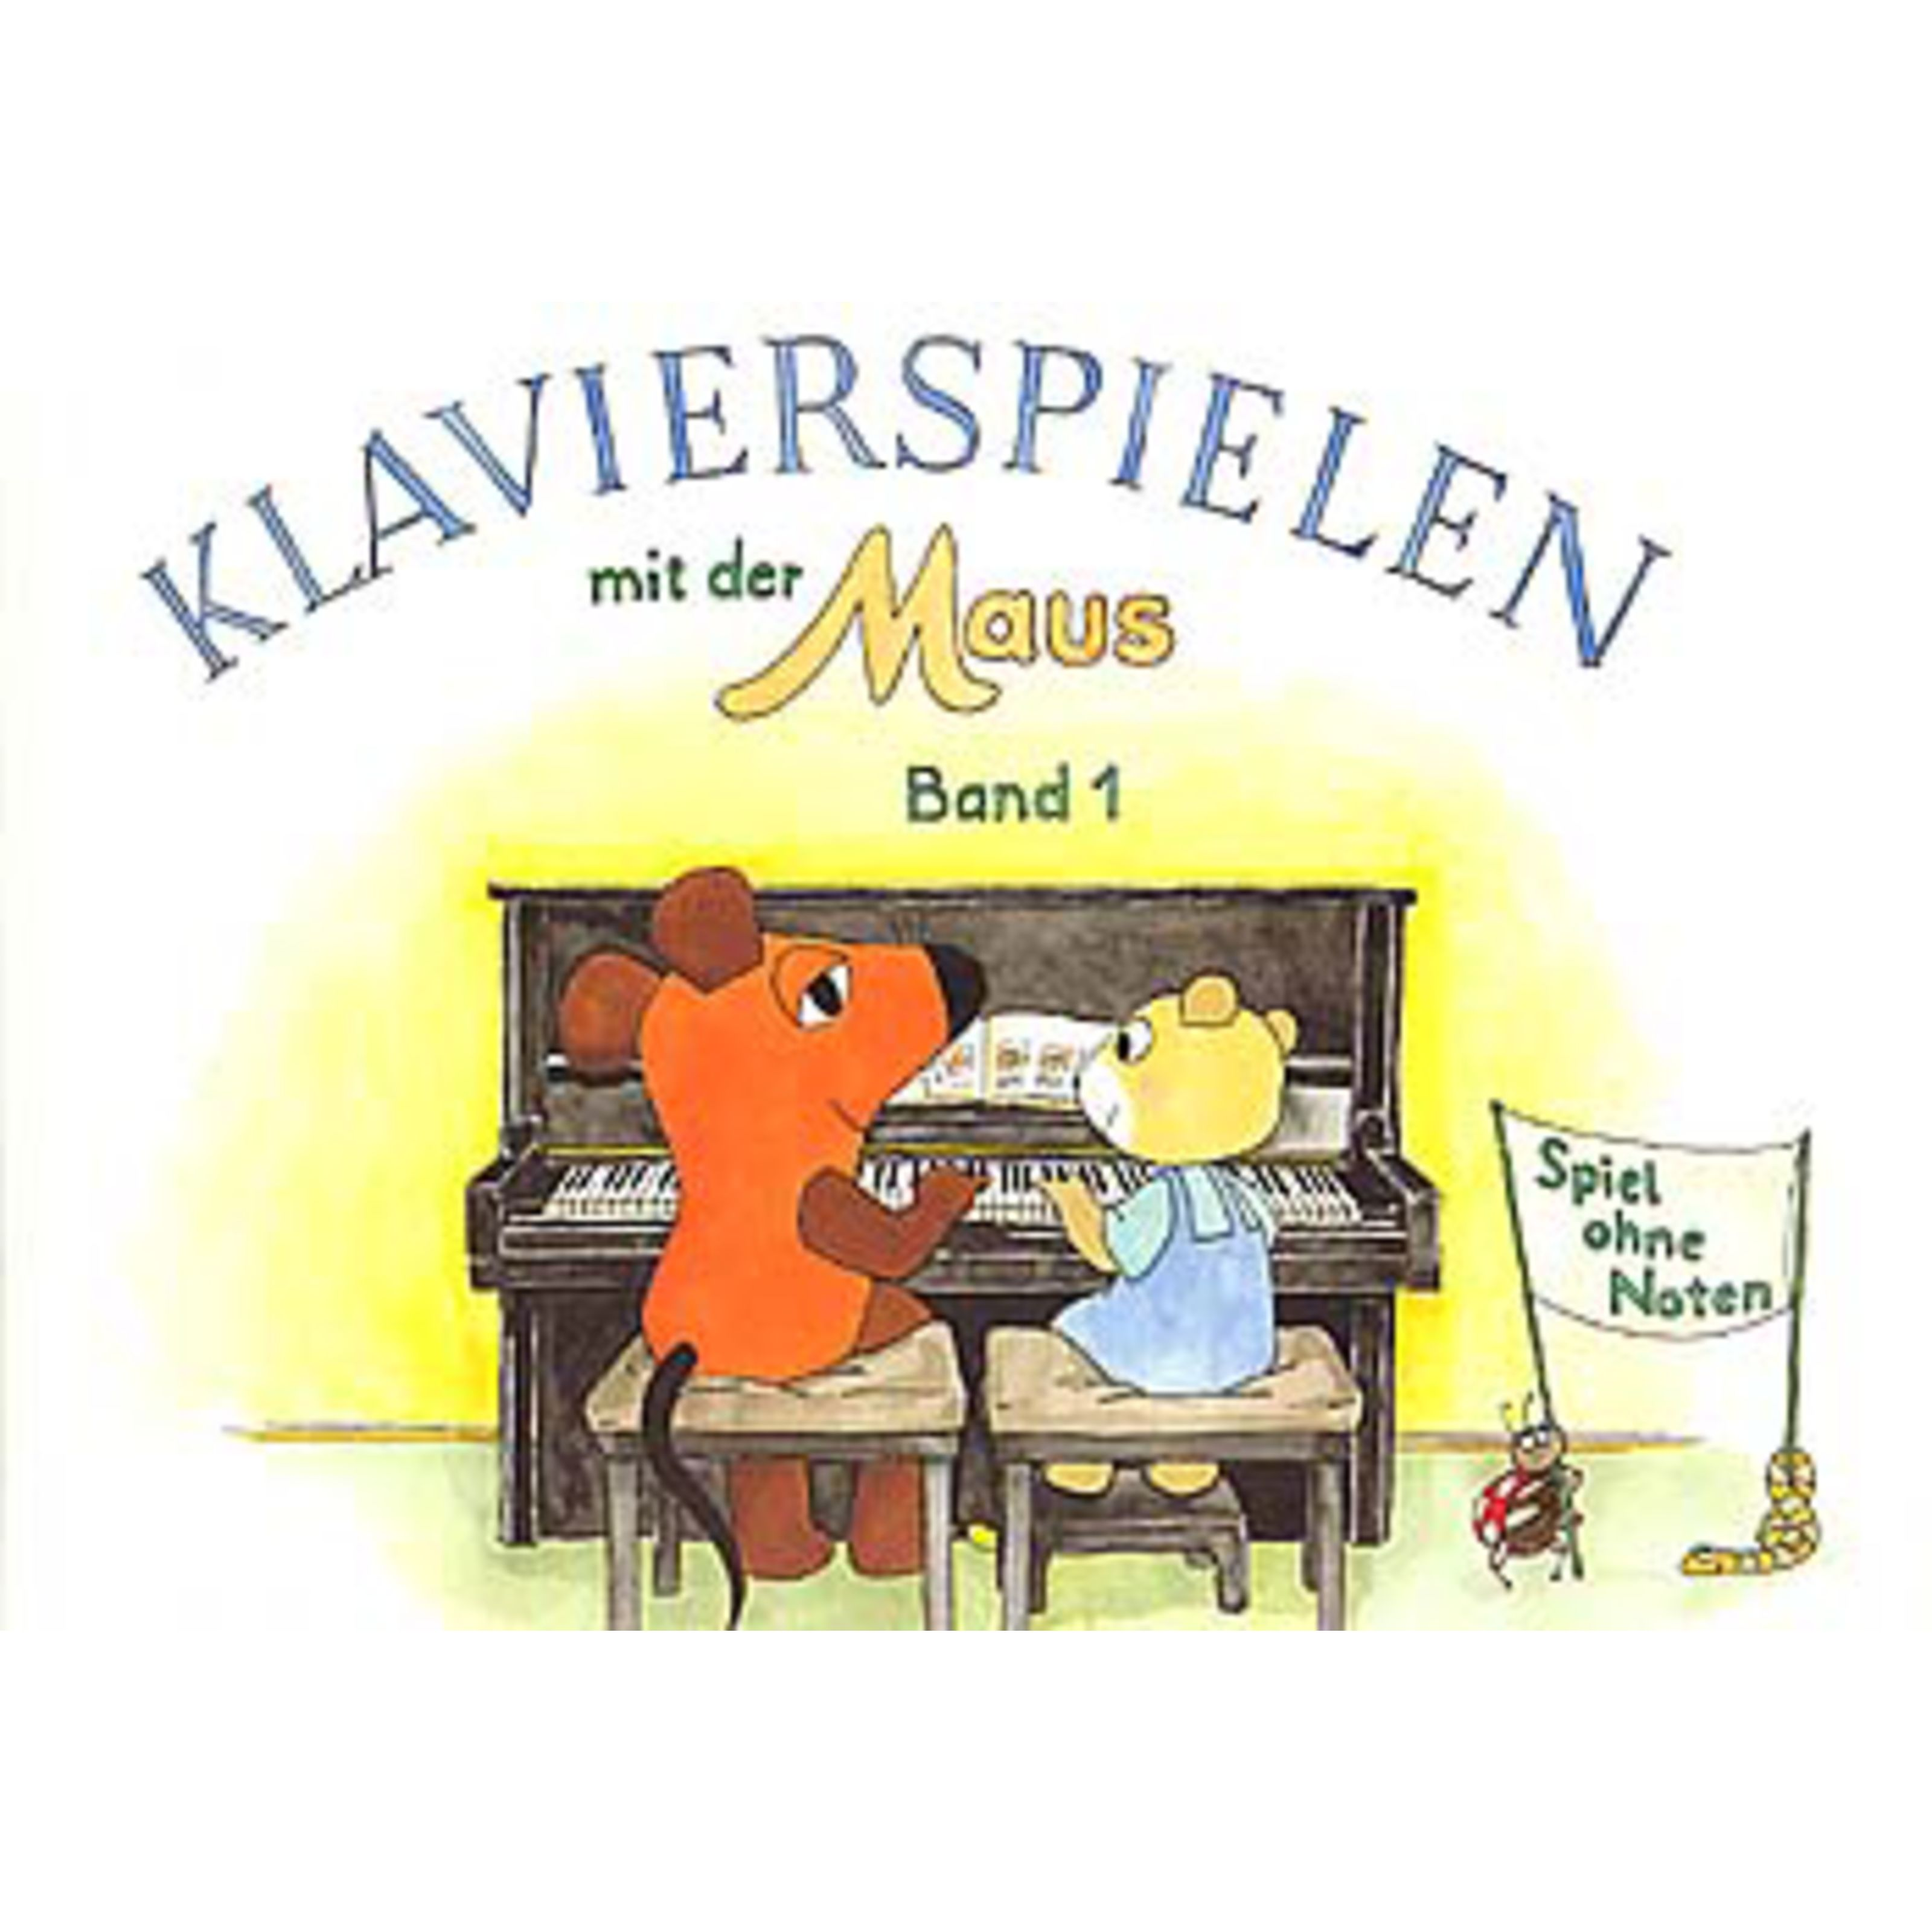 Hans Sikorski - Klavierspielen mit der Maus 1 Schwedhelm-Klavier ohne Noten SIK 1190